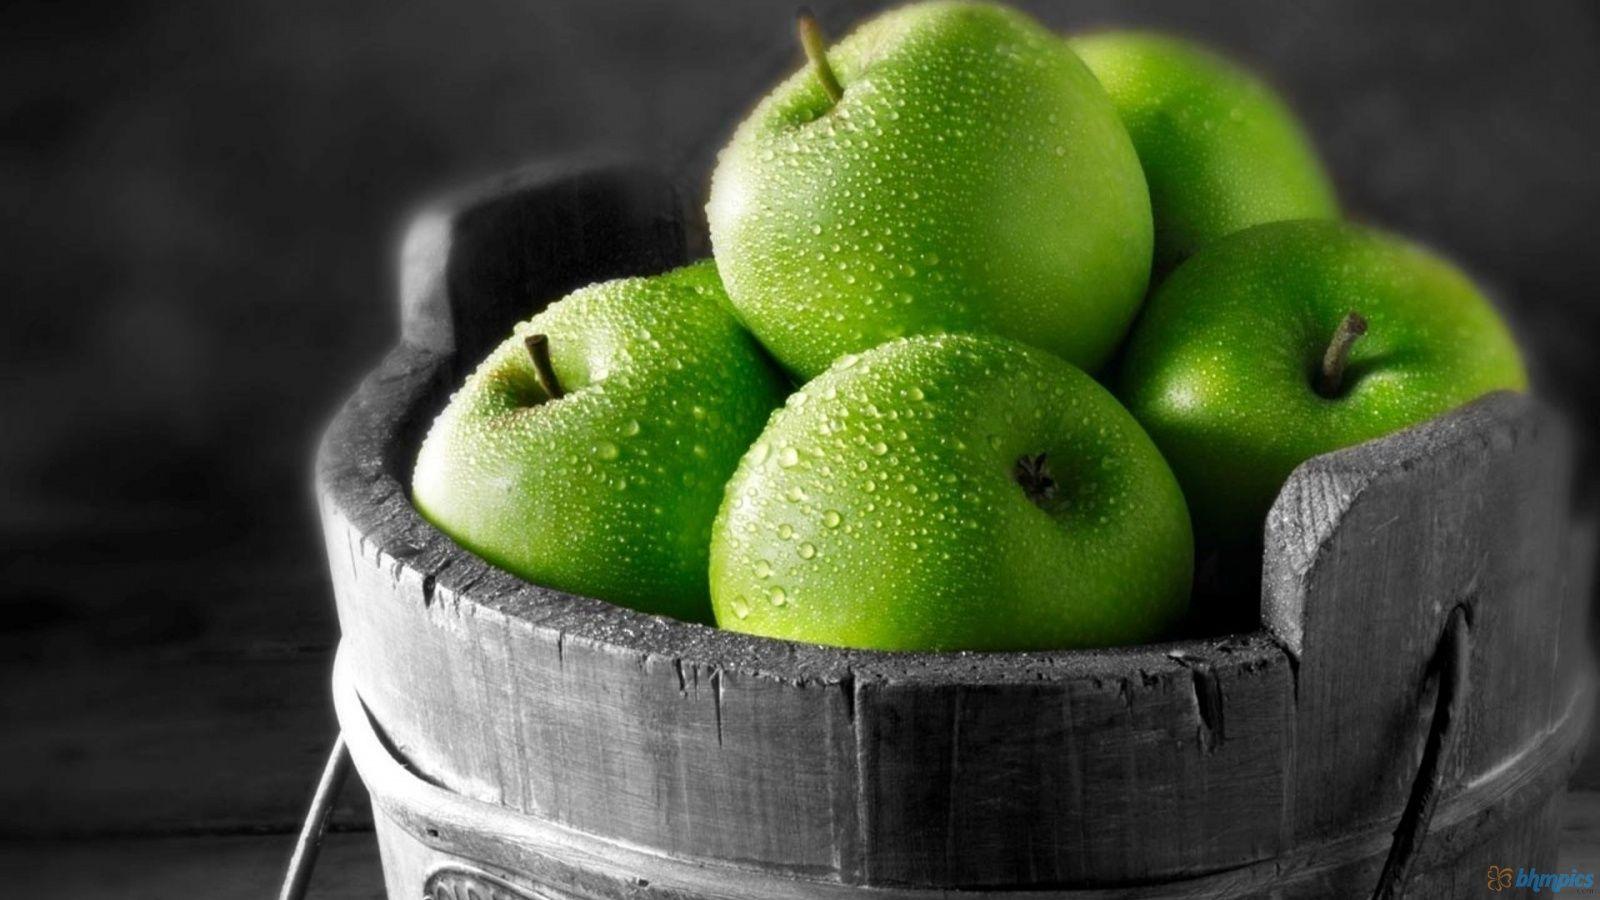 Fruit apple wallpaper - Green Apple Fruit For Whatsapp Status Images Jpg